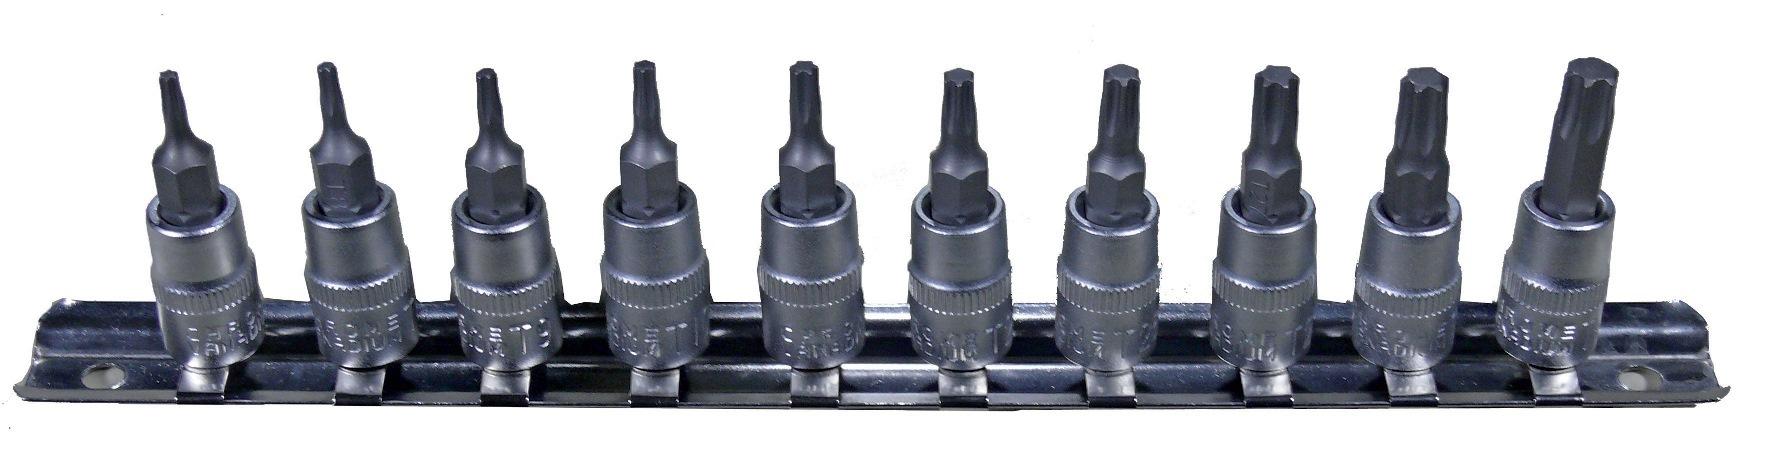 """Zástrčné hlavice TORX 1/4"""", rozměry T7 - T40, sada 10 kusů na kolejnici - Condor"""